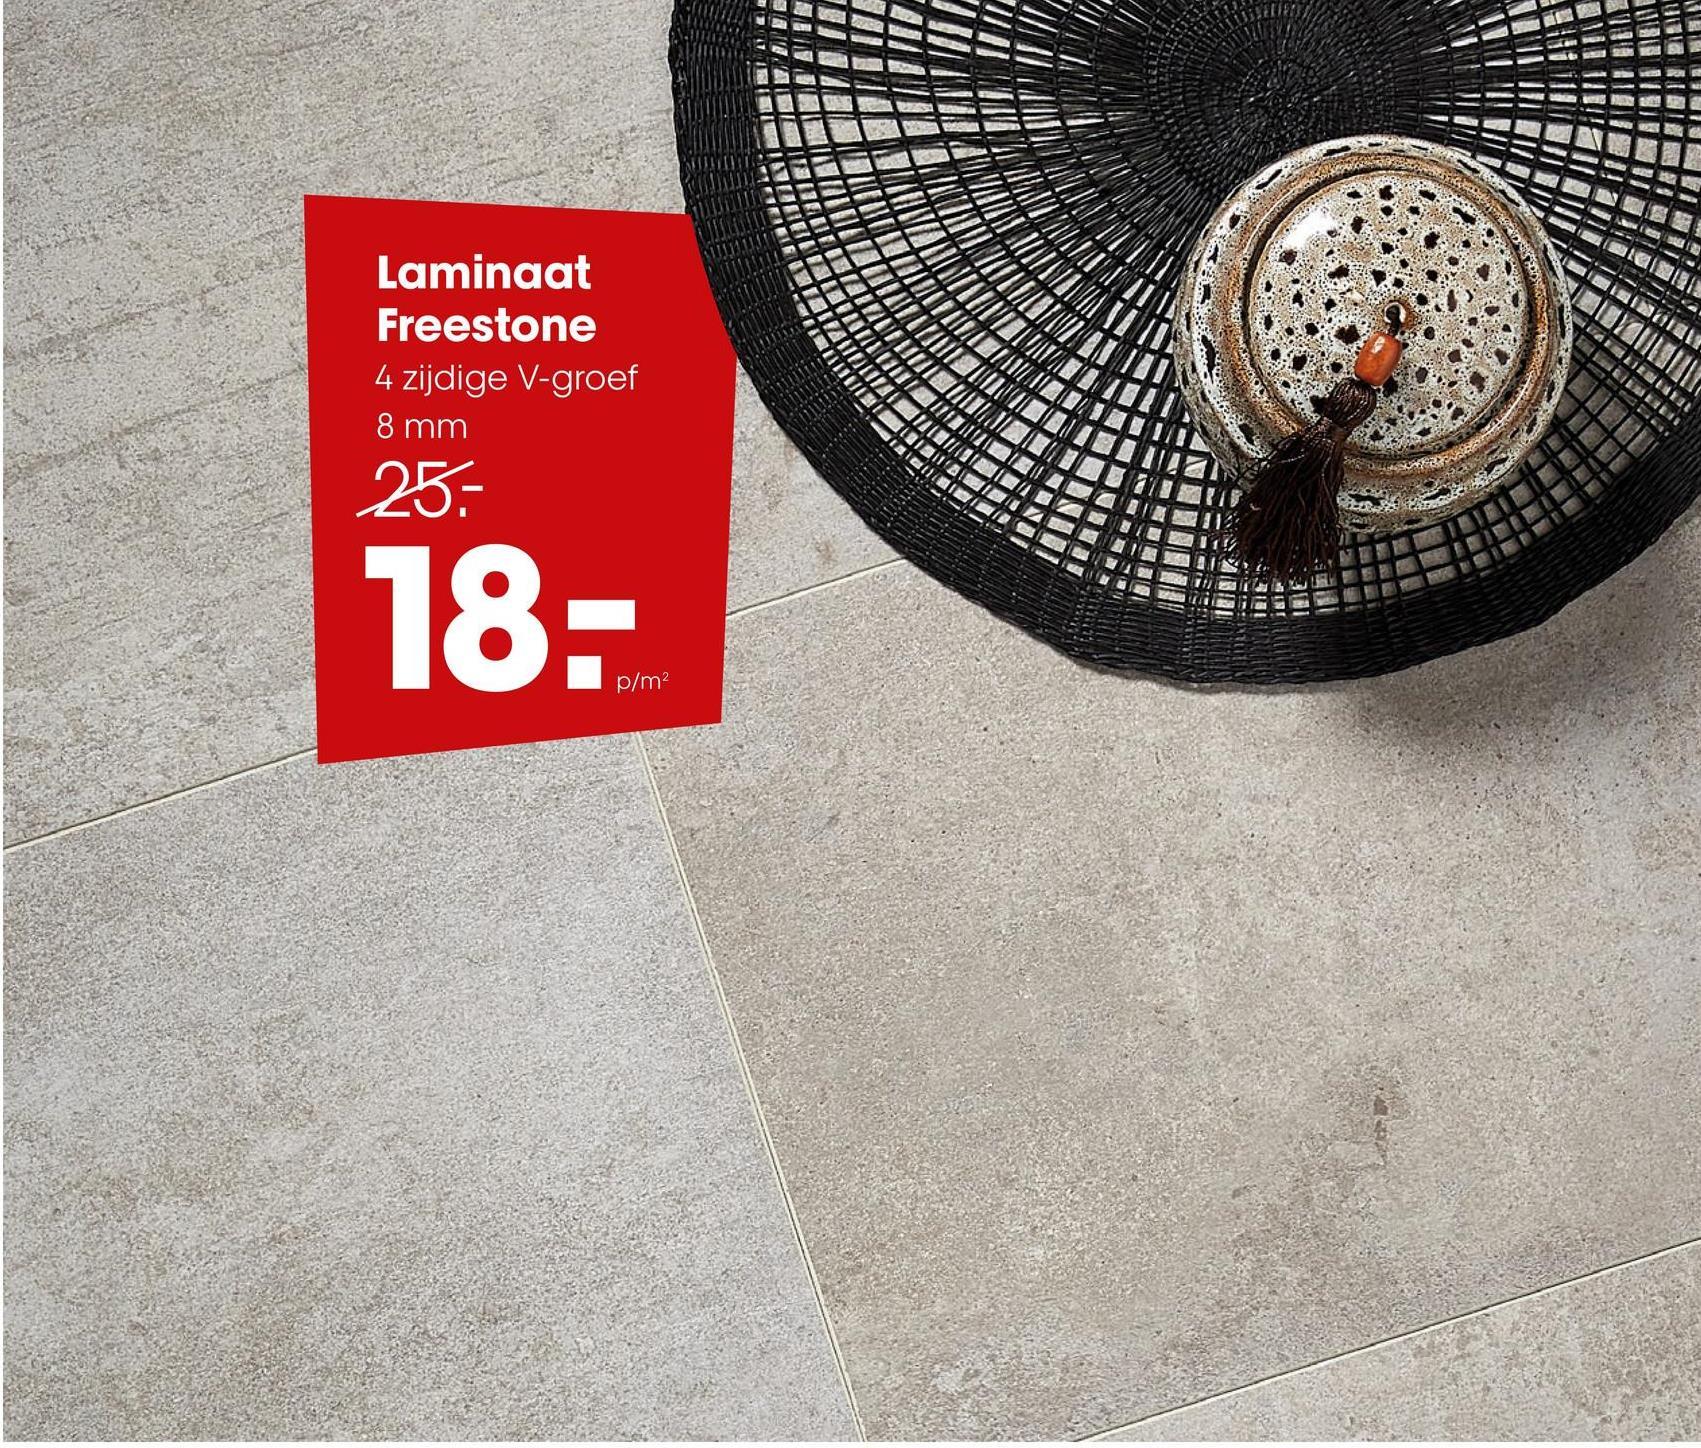 Laminaat Freestone Beige Laminaat beige met steenlook en 4-zijdige V-groef. Geschikt voor intensief woongebruik en normaal commercieel gebruik. Voorzien van het PEFC keurmerk. 8 mm dik.